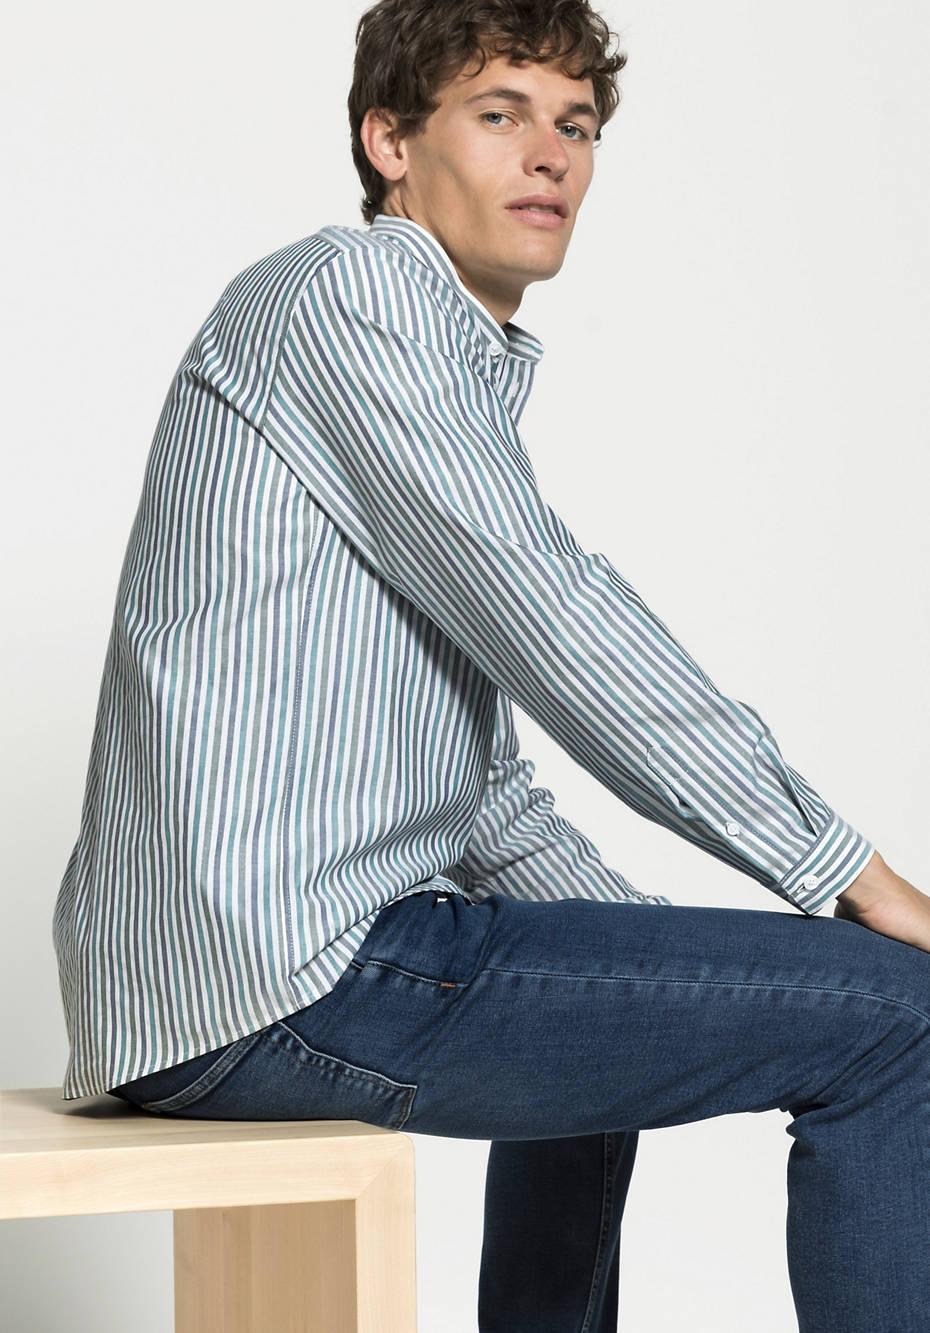 Herren Streifenhemd Comfort Fit aus reiner Bio-Baumwolle